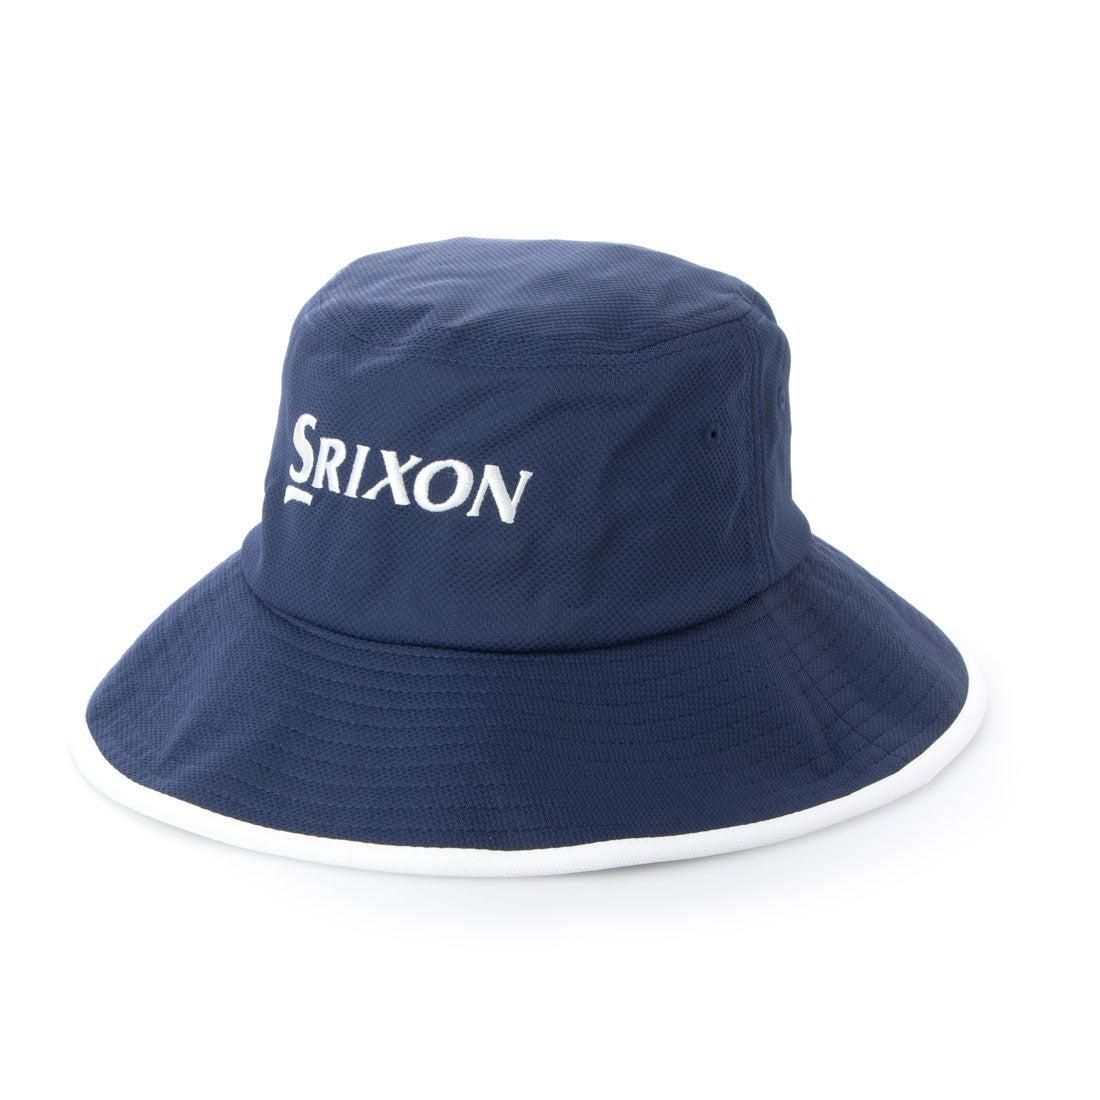 スリクソン SRIXON レディース ゴルフ ハット SRIXONレディスハット SWH0154 SWH0154 (ネイビー)